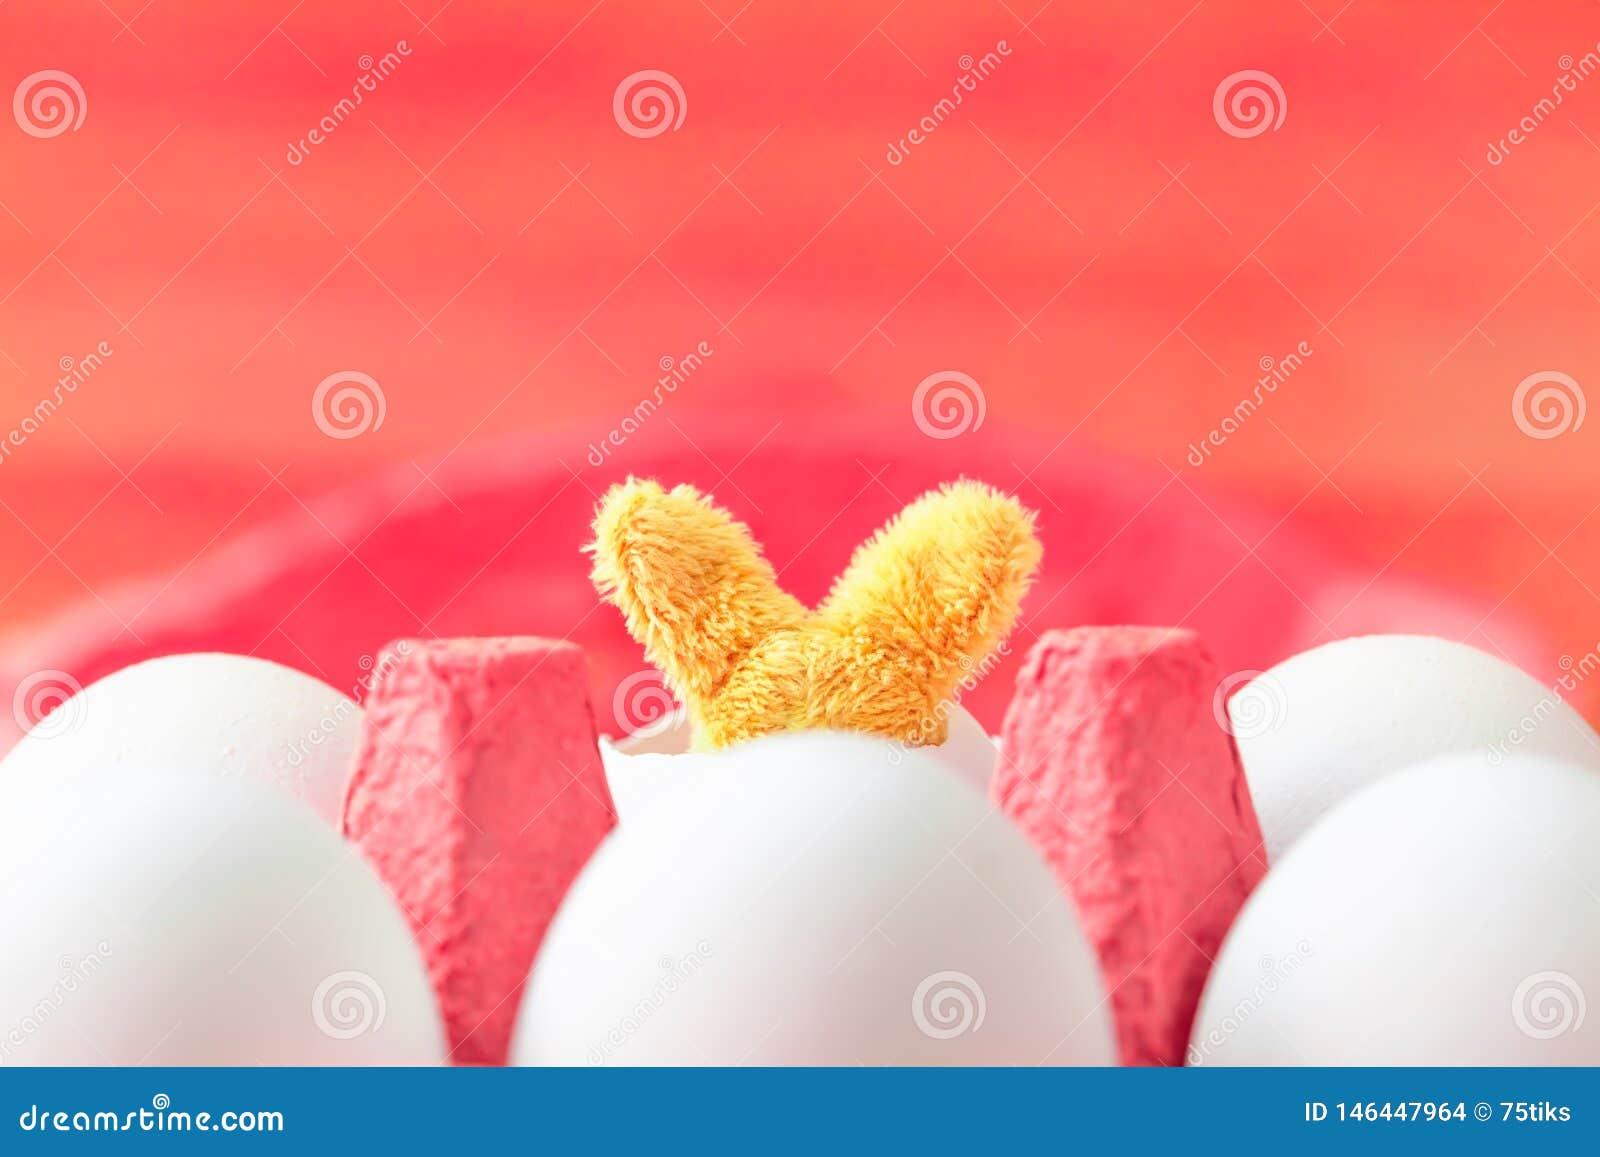 Το λαγουδάκι Πάσχας μέσα στο χαρτοκιβώτιο αυγών παίρνει την επιφυλακή